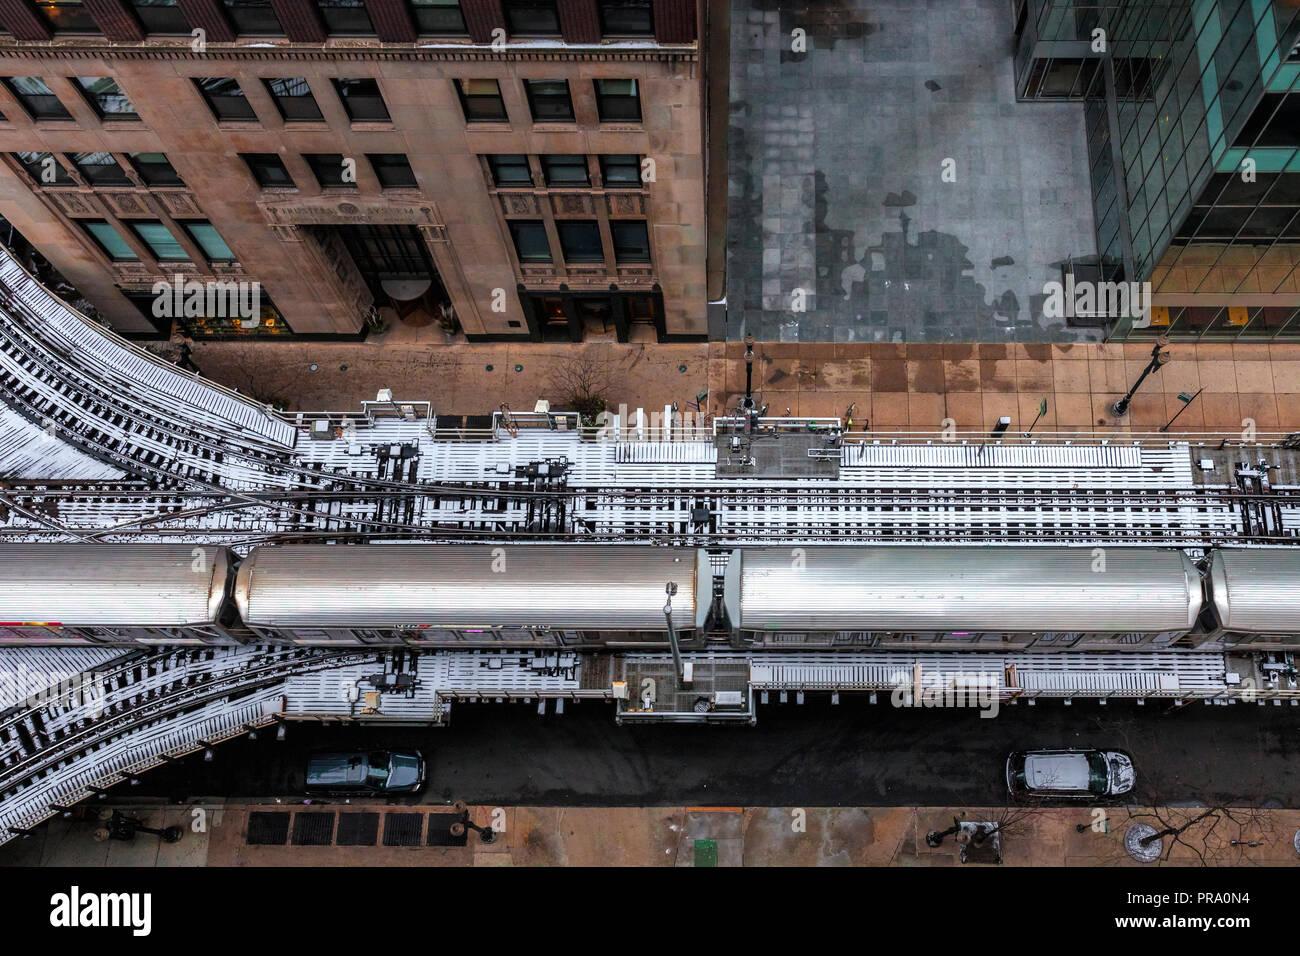 Chicago CTA Zug in Bewegung entlang der Hochbahn Stockbild